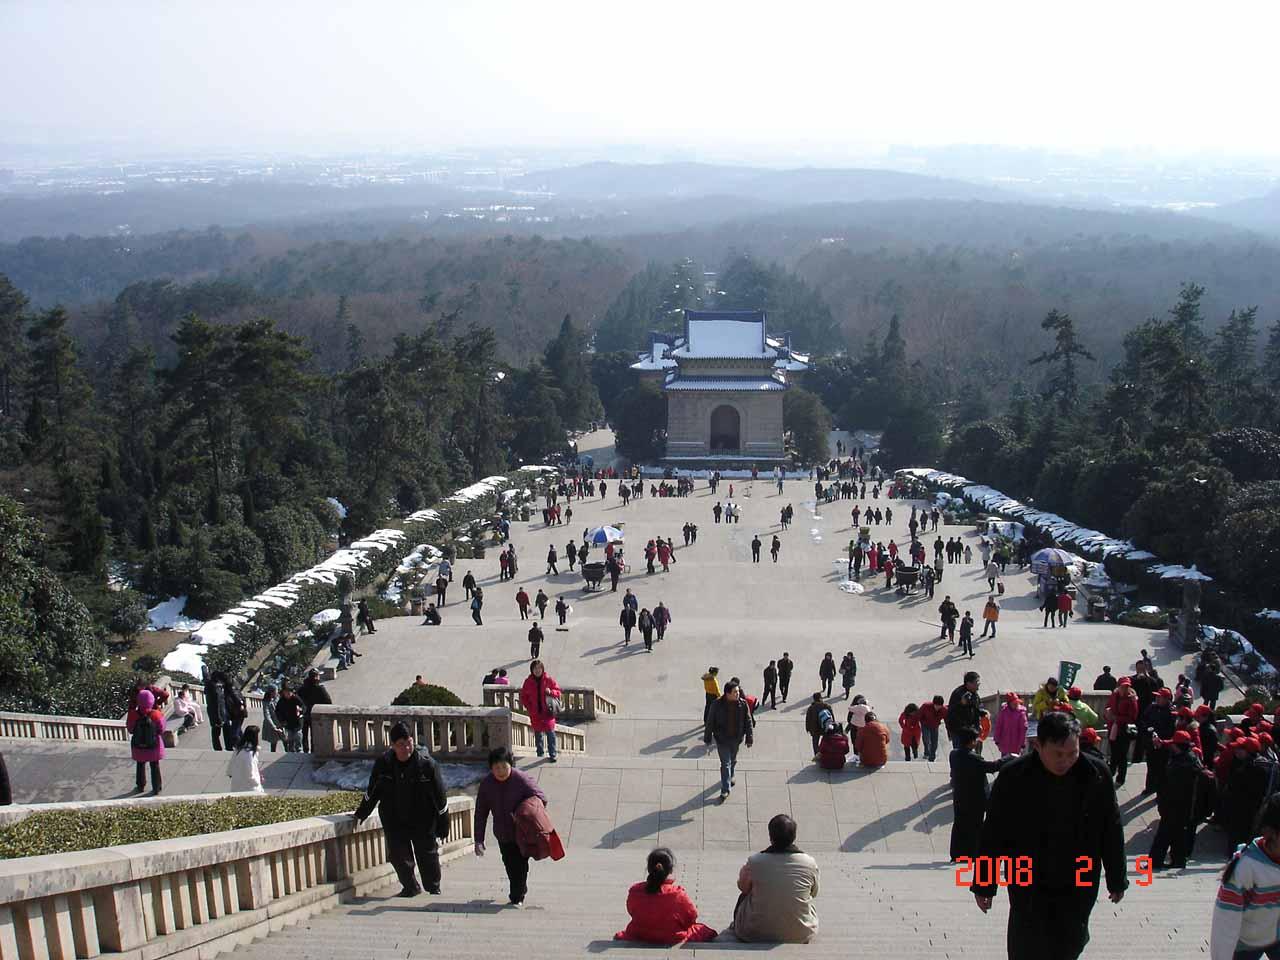 春节中国之旅-南京旅游攻略-旅游攻略-南京地录取攻略志愿图片